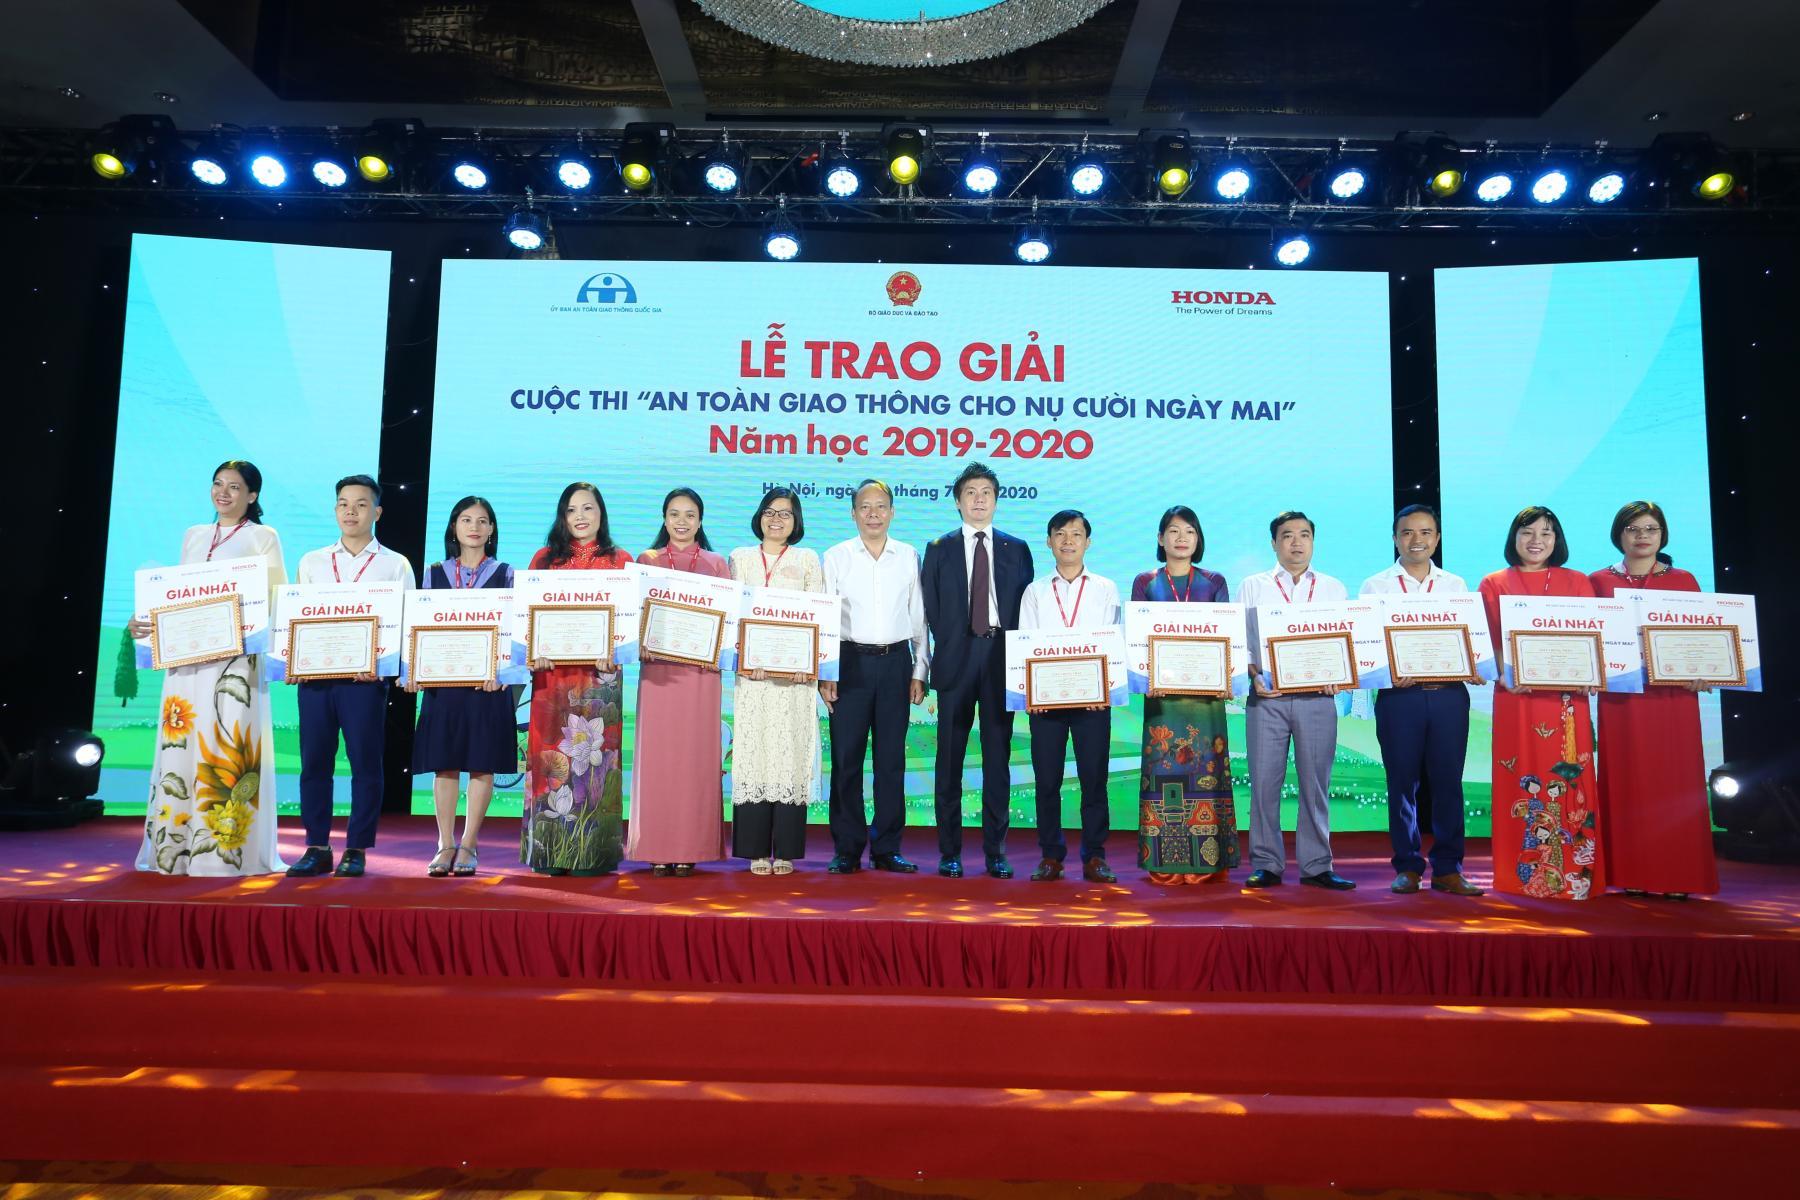 """Lễ trao giải Cuộc thi """"An toàn giao thông cho nụ cười ngày mai"""" năm học 2019-2020"""